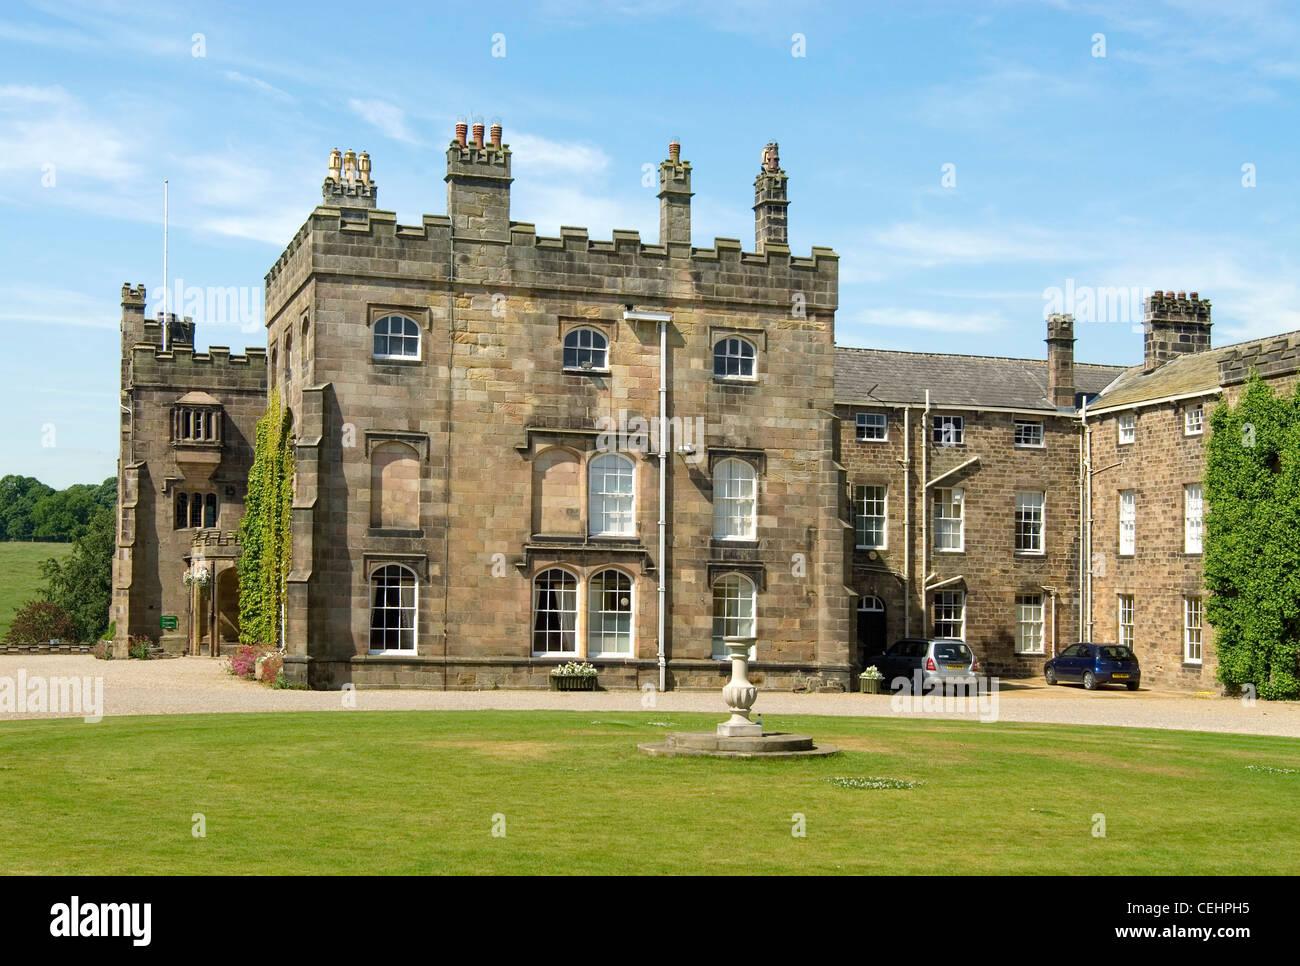 Ripley Castle, datant du 15ème siècle, qui a été le foyer de la famille Ingilby pendant 700 Photo Stock